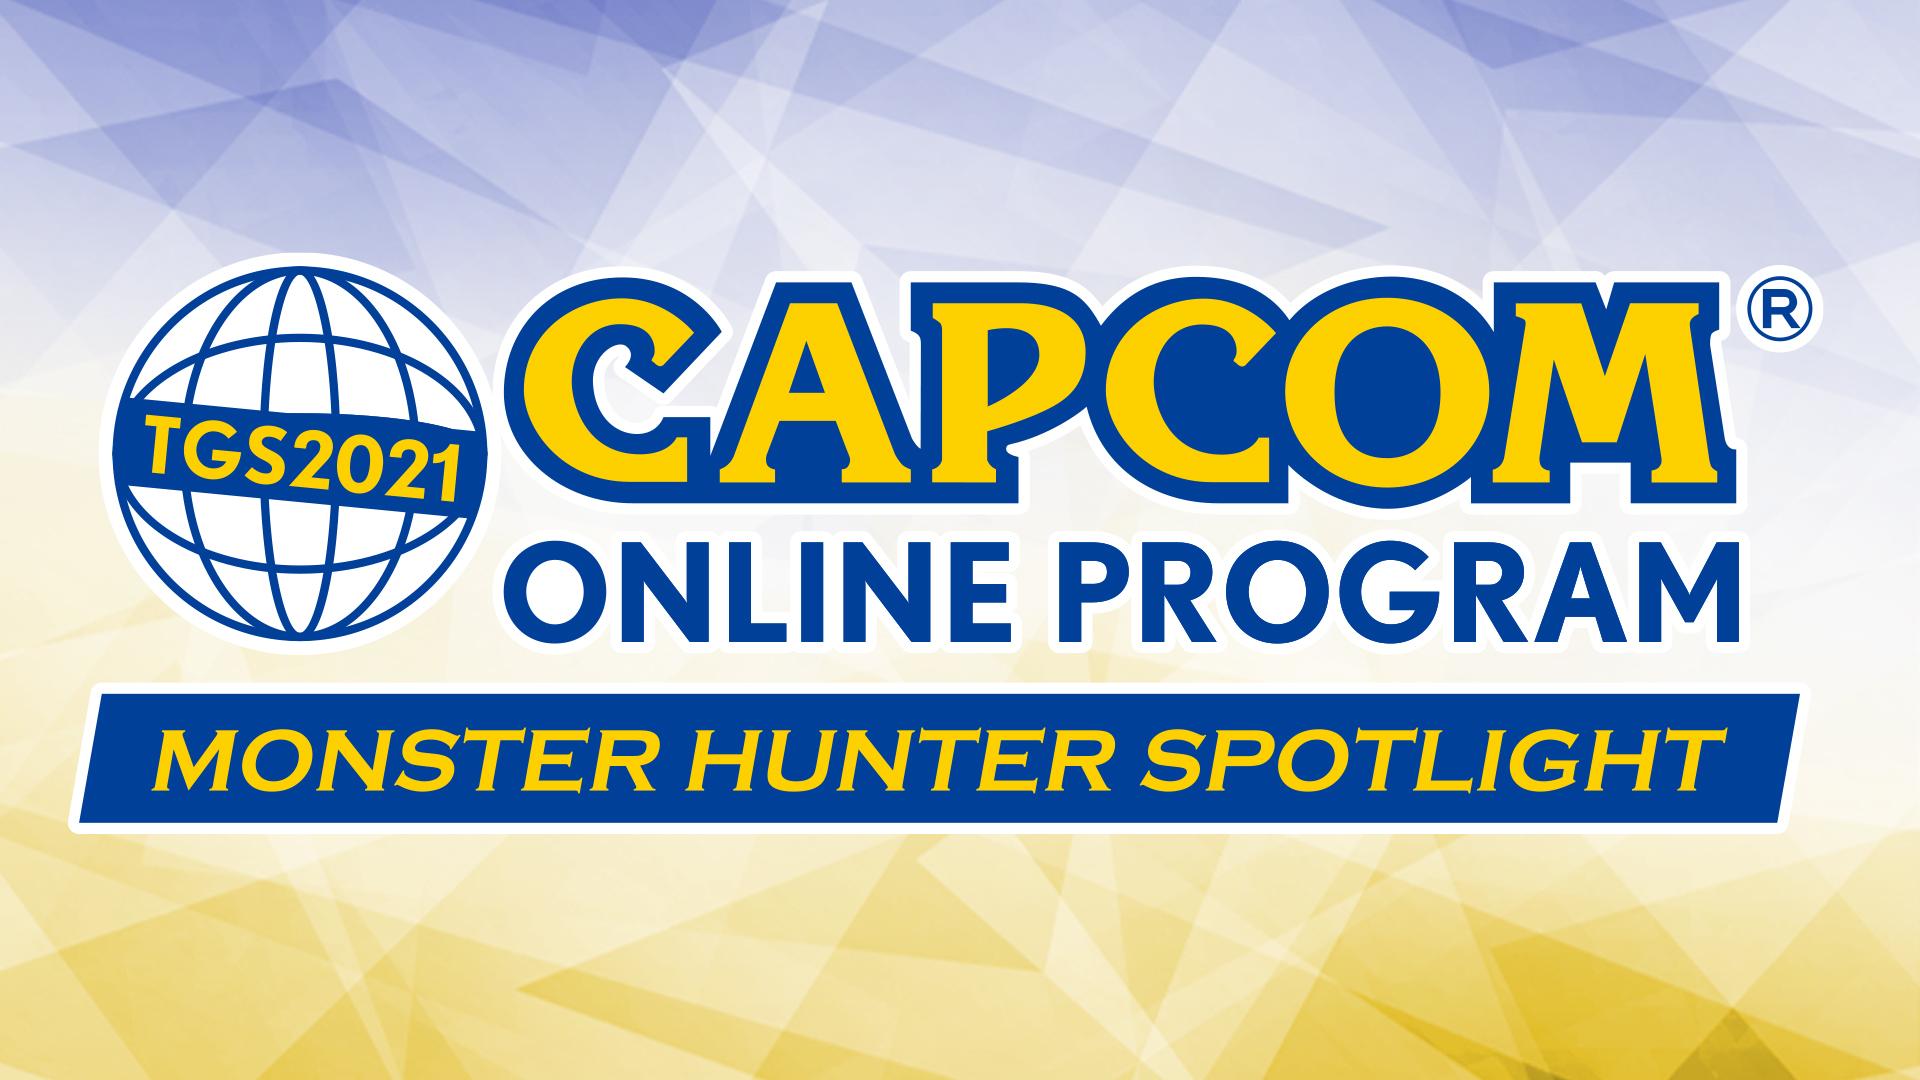 Capcom monster hunter tgs 2021